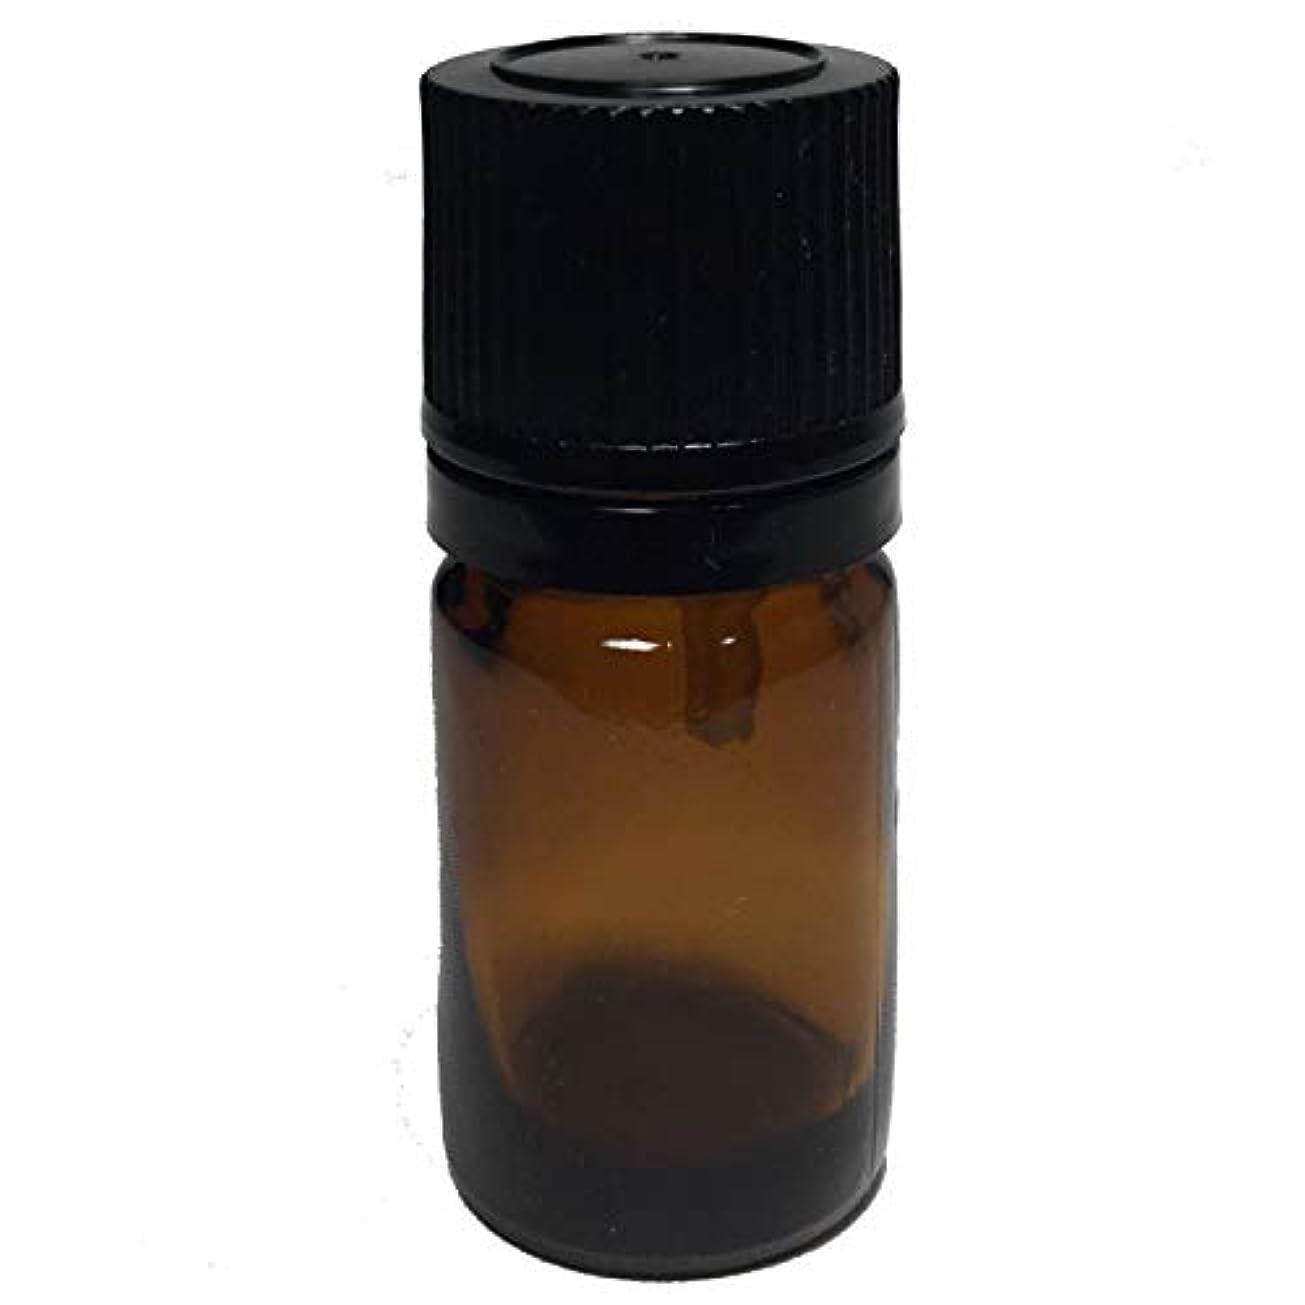 アサー少なくとも養うエッセンシャルオイル用茶色遮光瓶 ドロッパー付き(黒キャップ) 5ml ガラスビン 10本セット